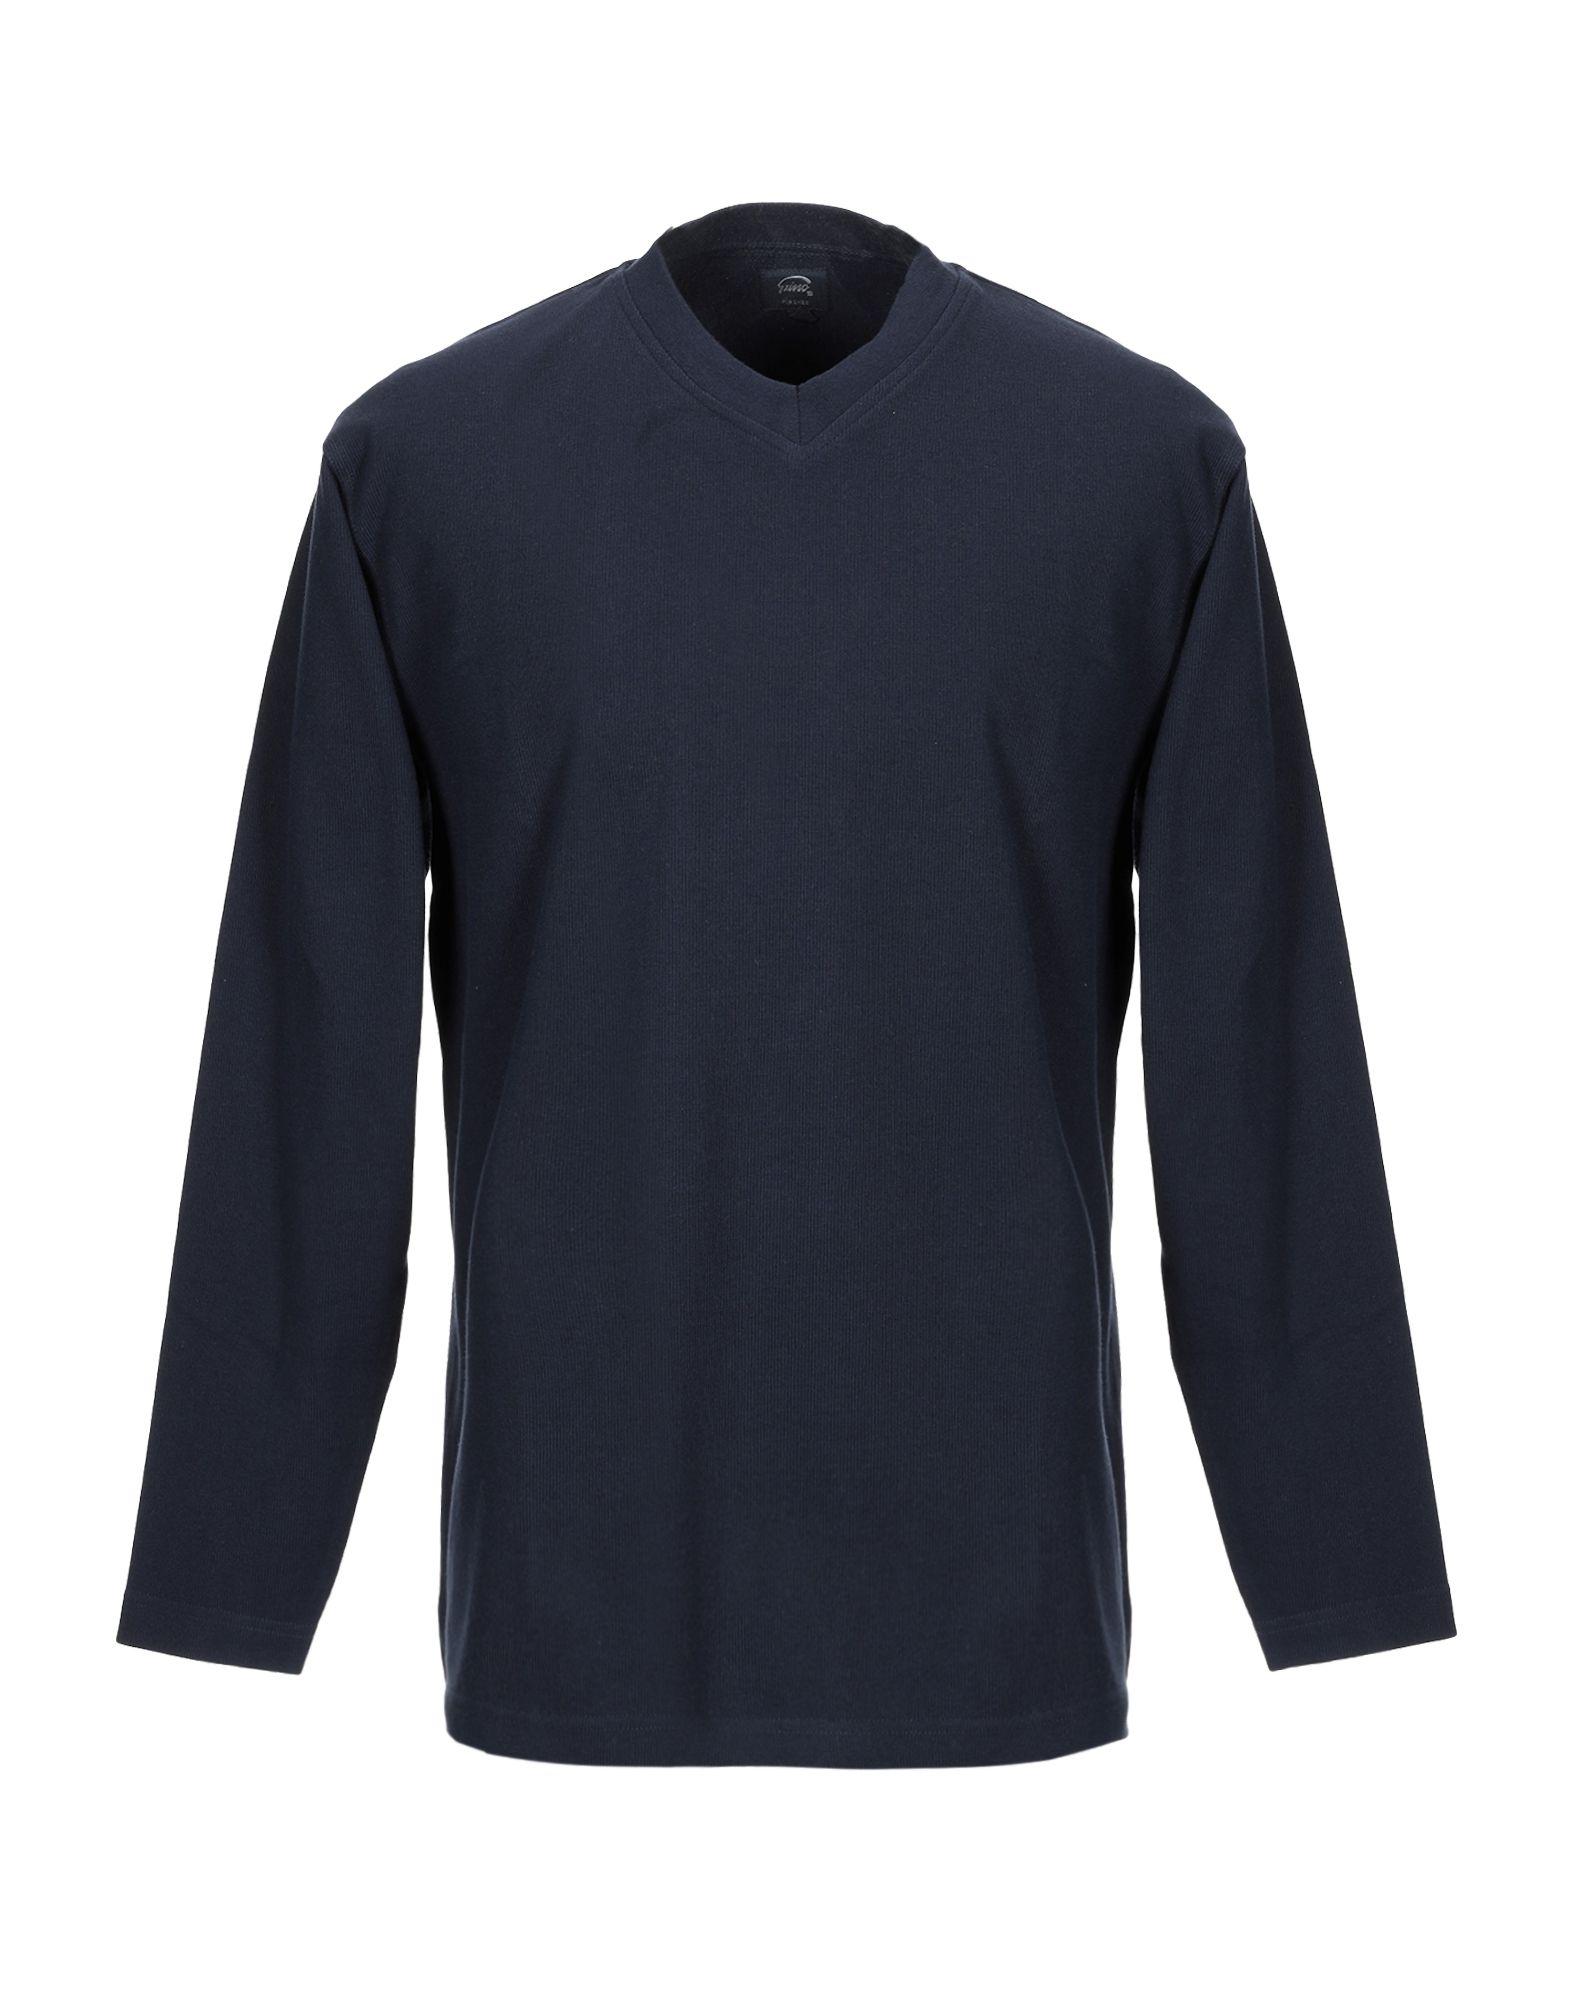 обтягивающая футболка с длинным рукавом для тренировок